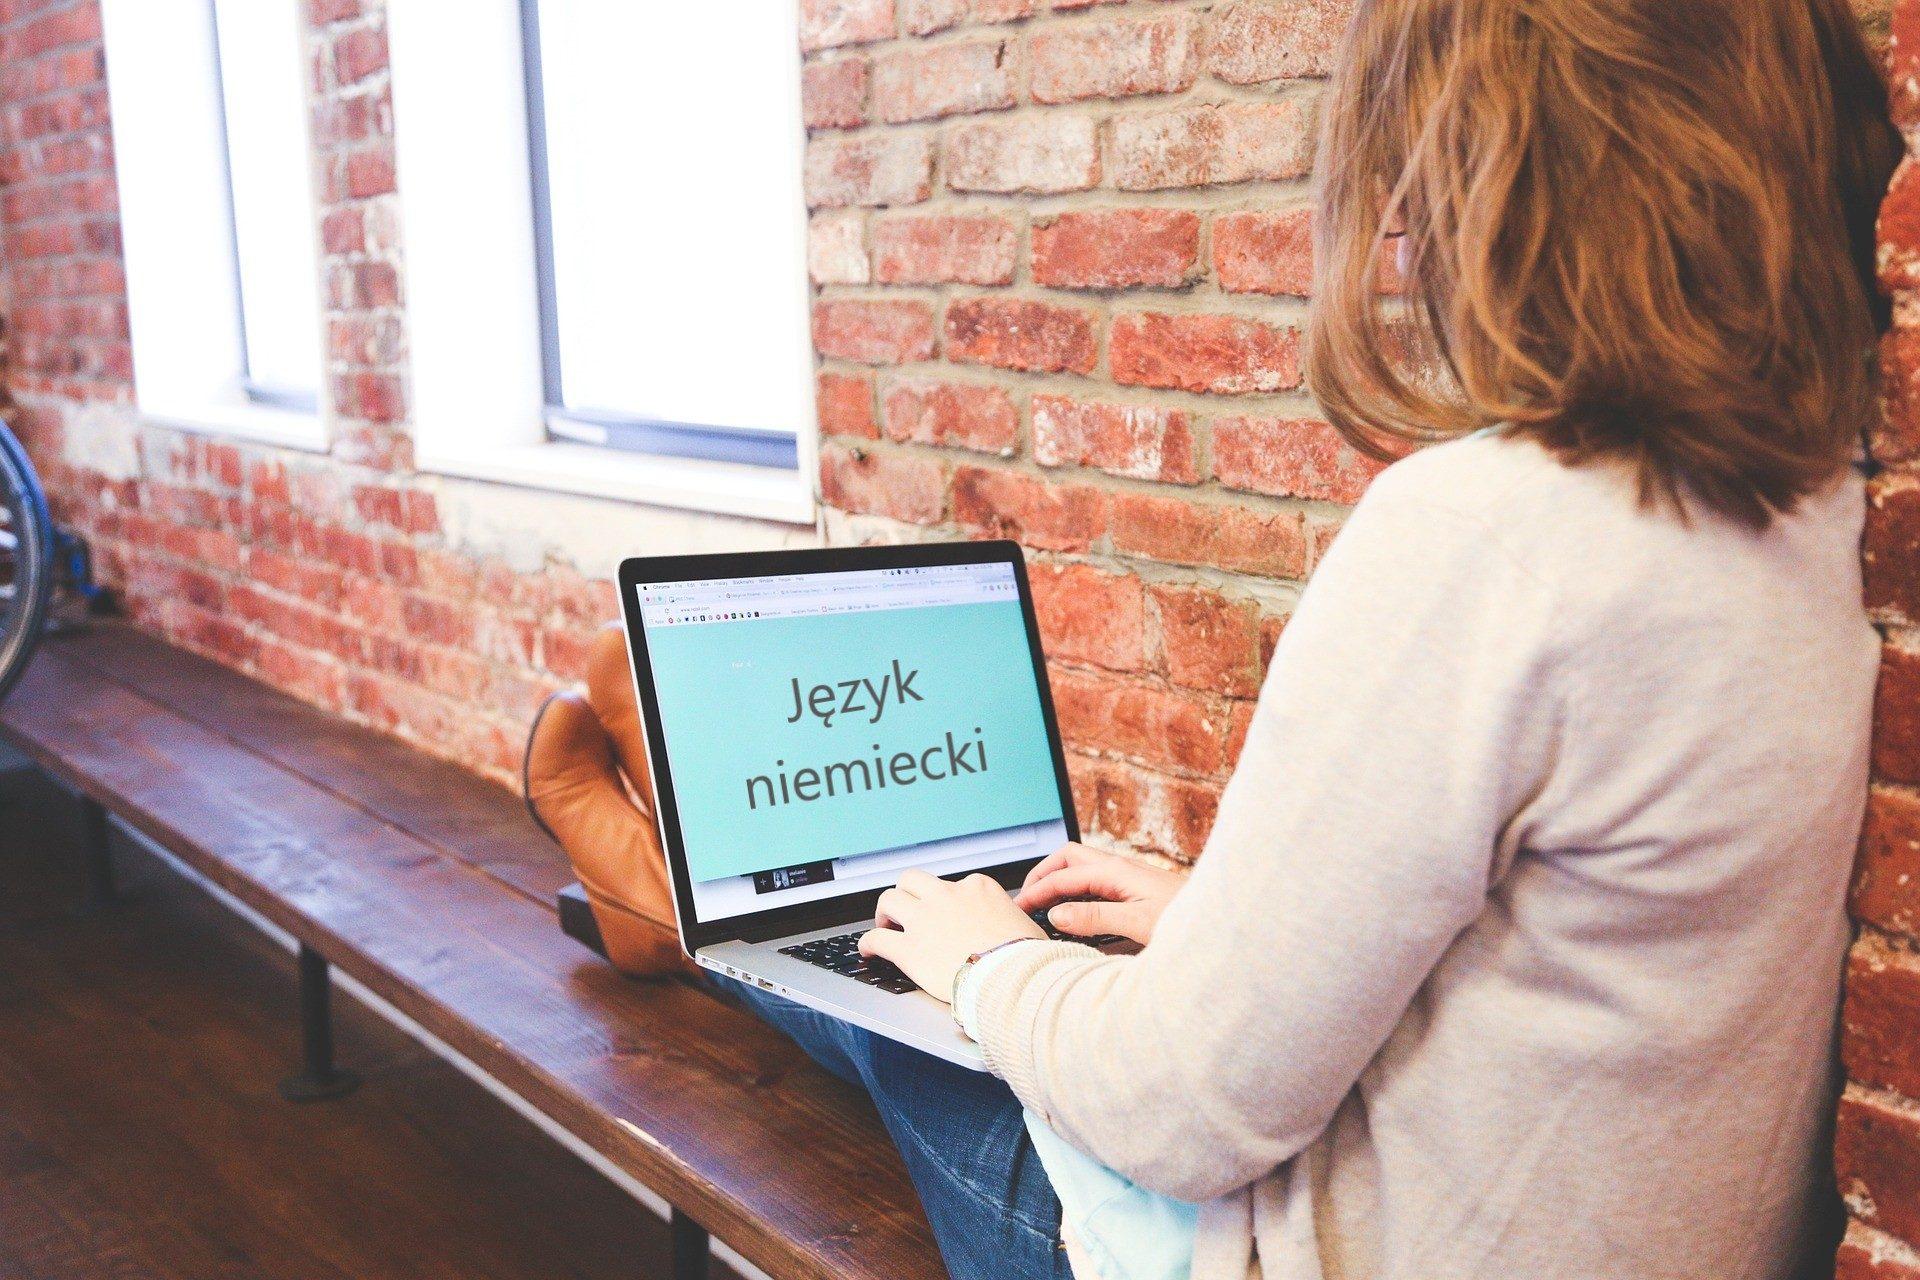 Polecam blogi związane z nauką języka niemieckiego